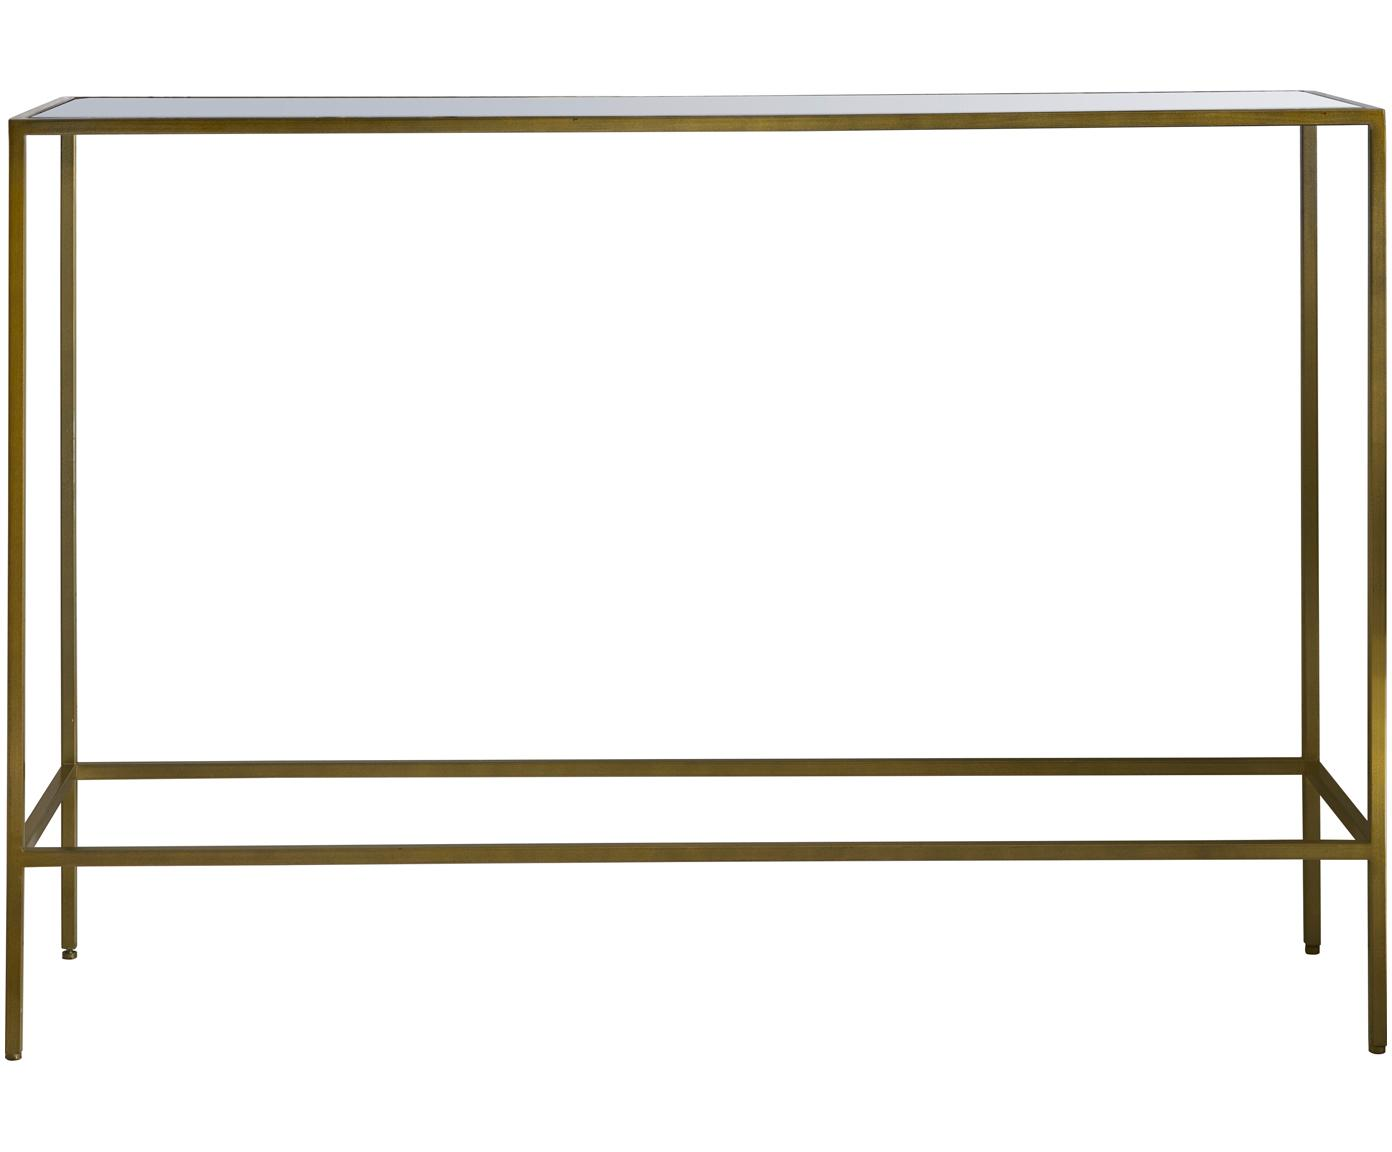 Konsole Rothbury mit Glasplatte, Gestell: Metall, lackiert, Ablagefläche: Glas, Bronzefarben, Transparent, B 110 x T 35 cm